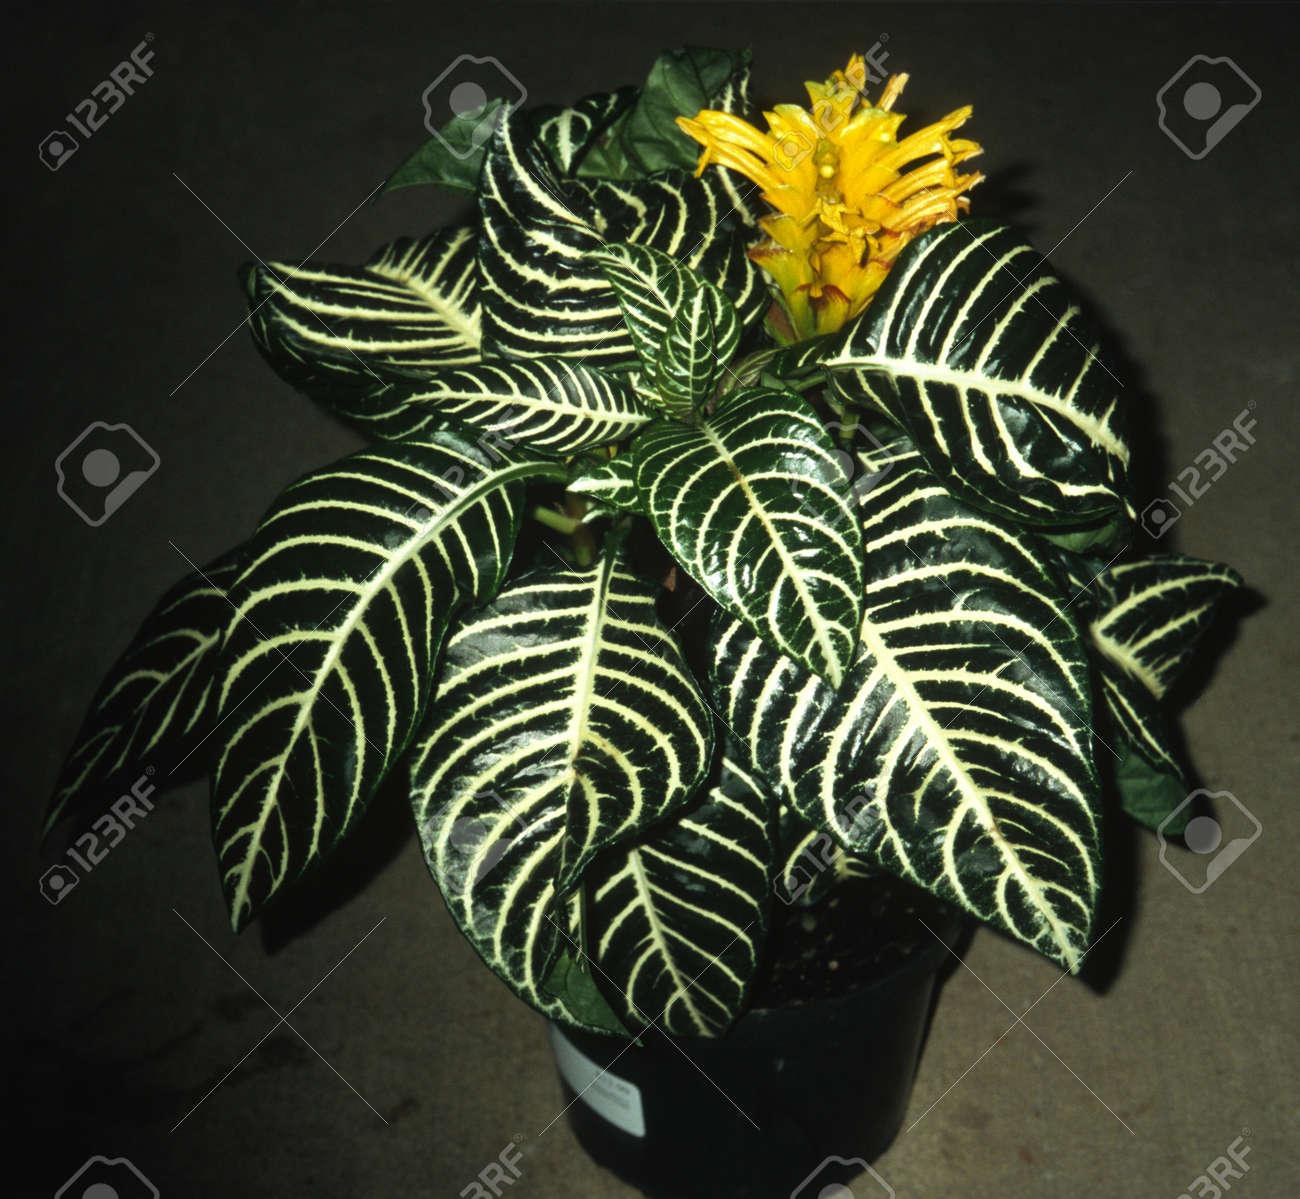 Aphelandra squarrosa - Ze Plant on